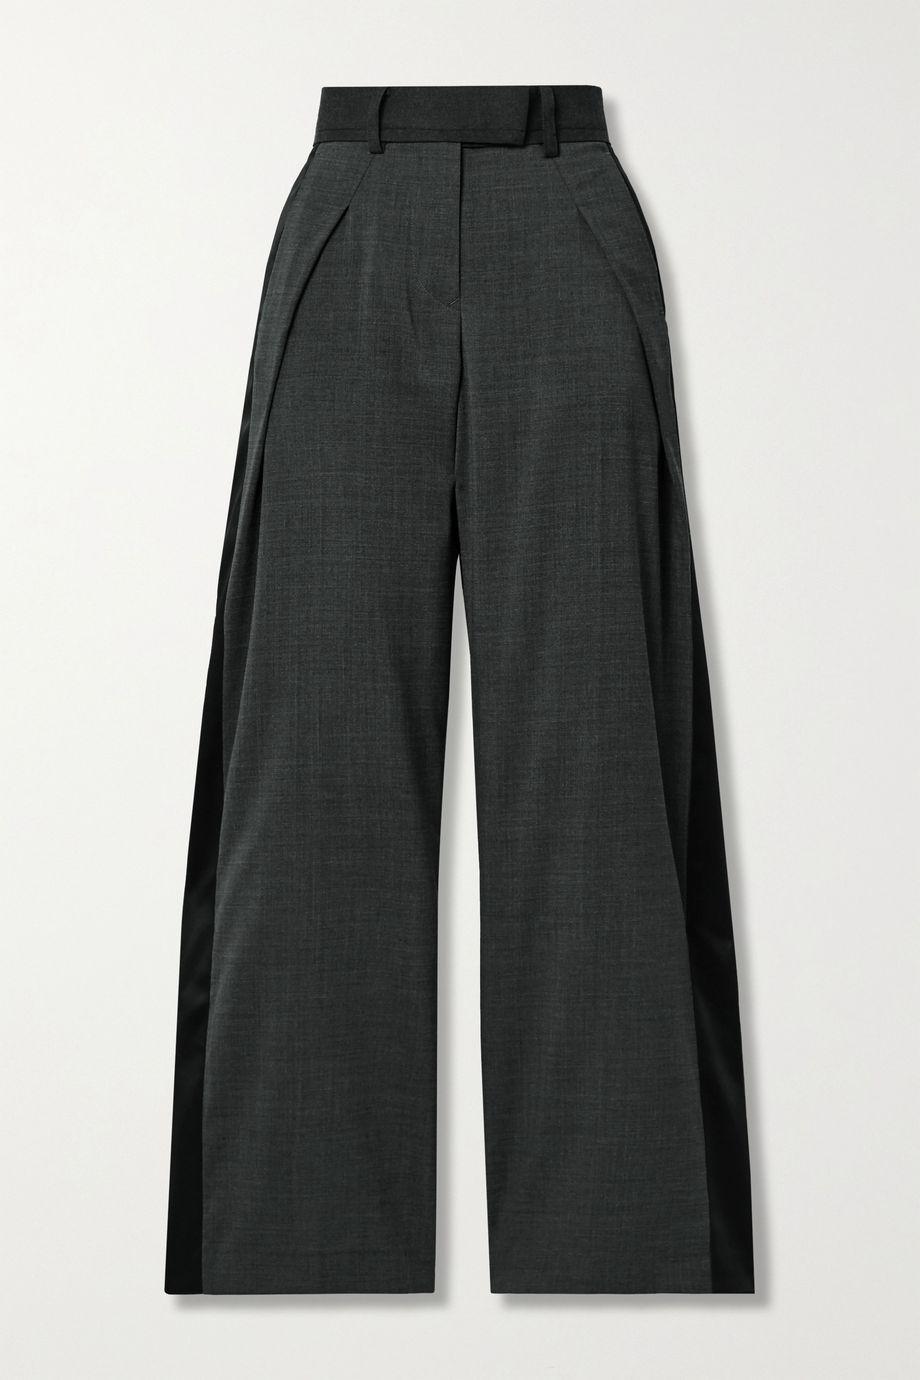 Sacai Grain de poudre and satin wide-leg pants